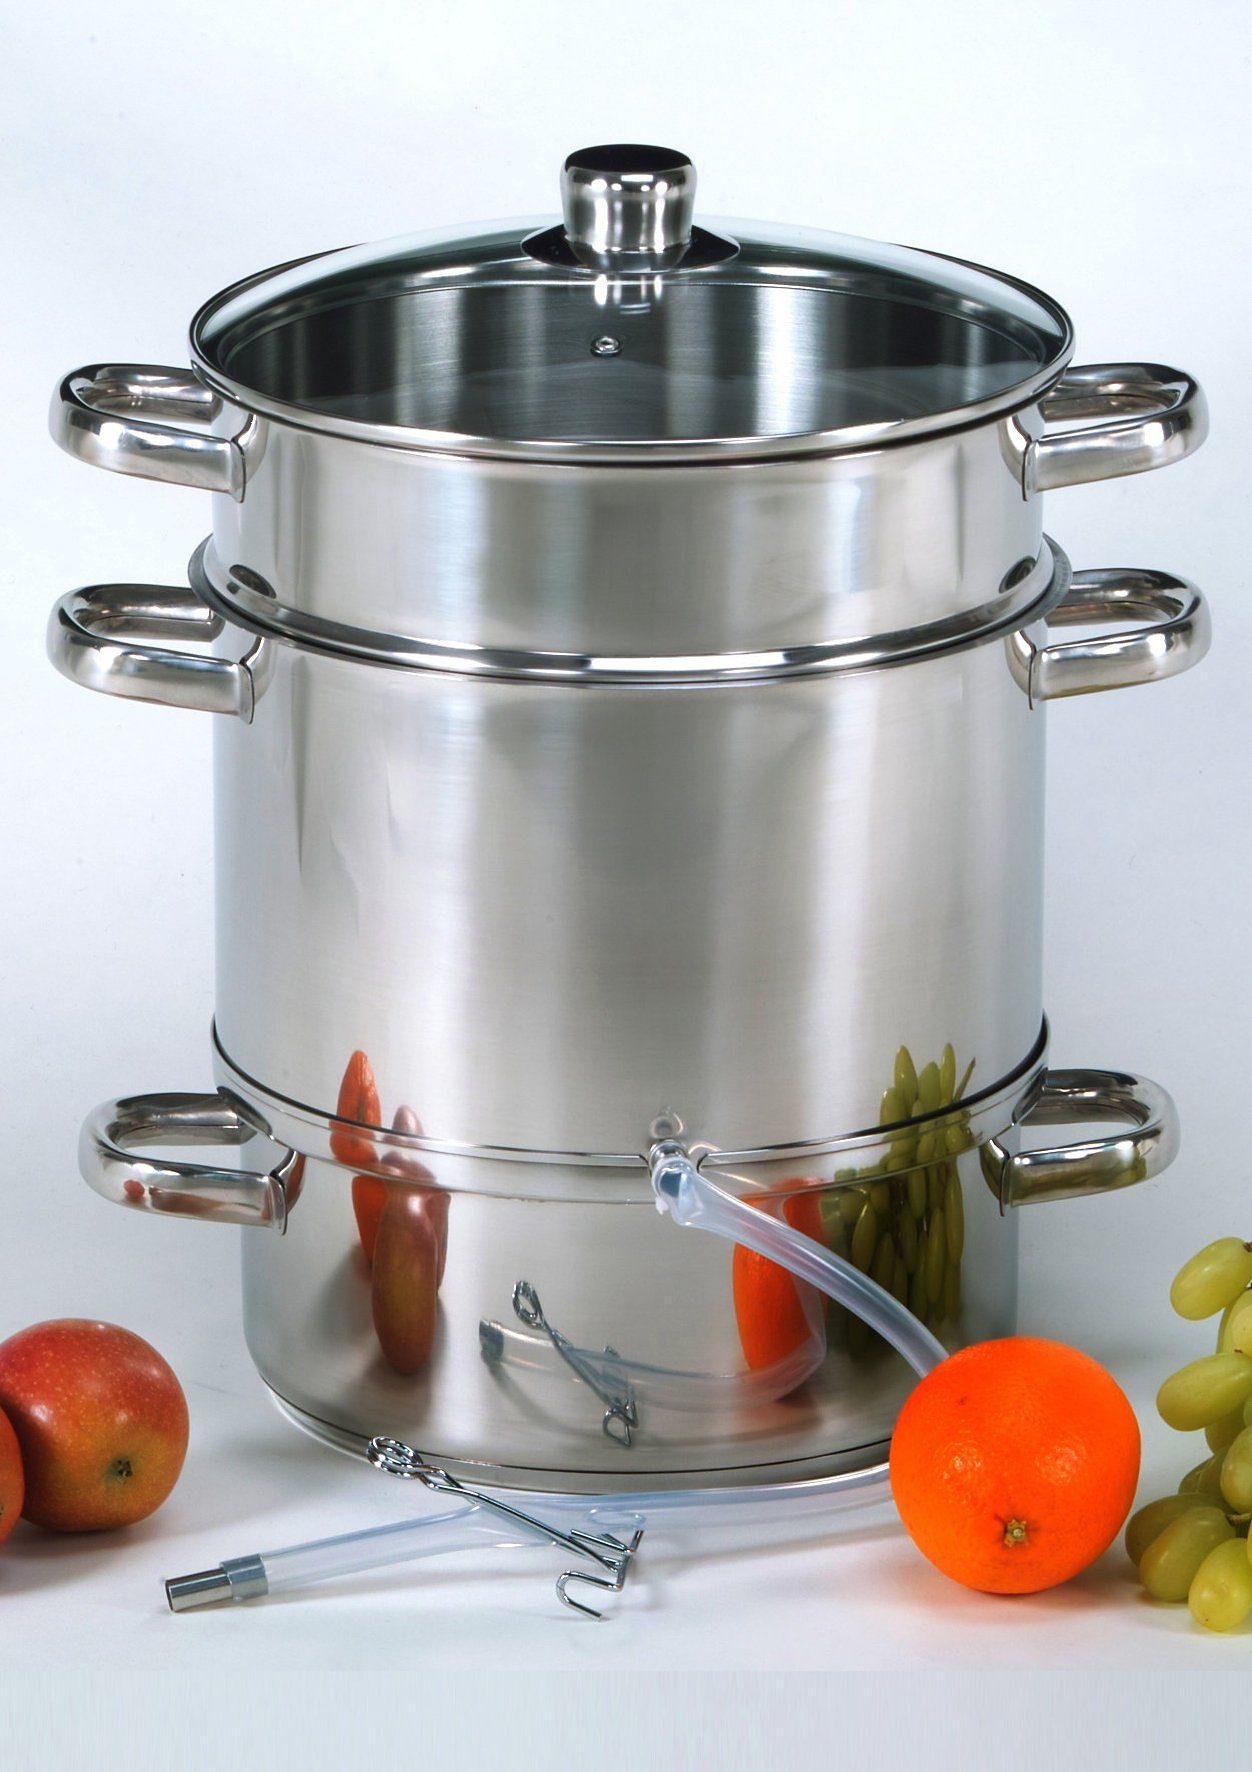 Krüger Einkochtopf, Edelstahl, Fruchtentsafter silberfarben Küchenkleingeräte SOFORT LIEFERBARE Haushaltsgeräte Einkochtopf